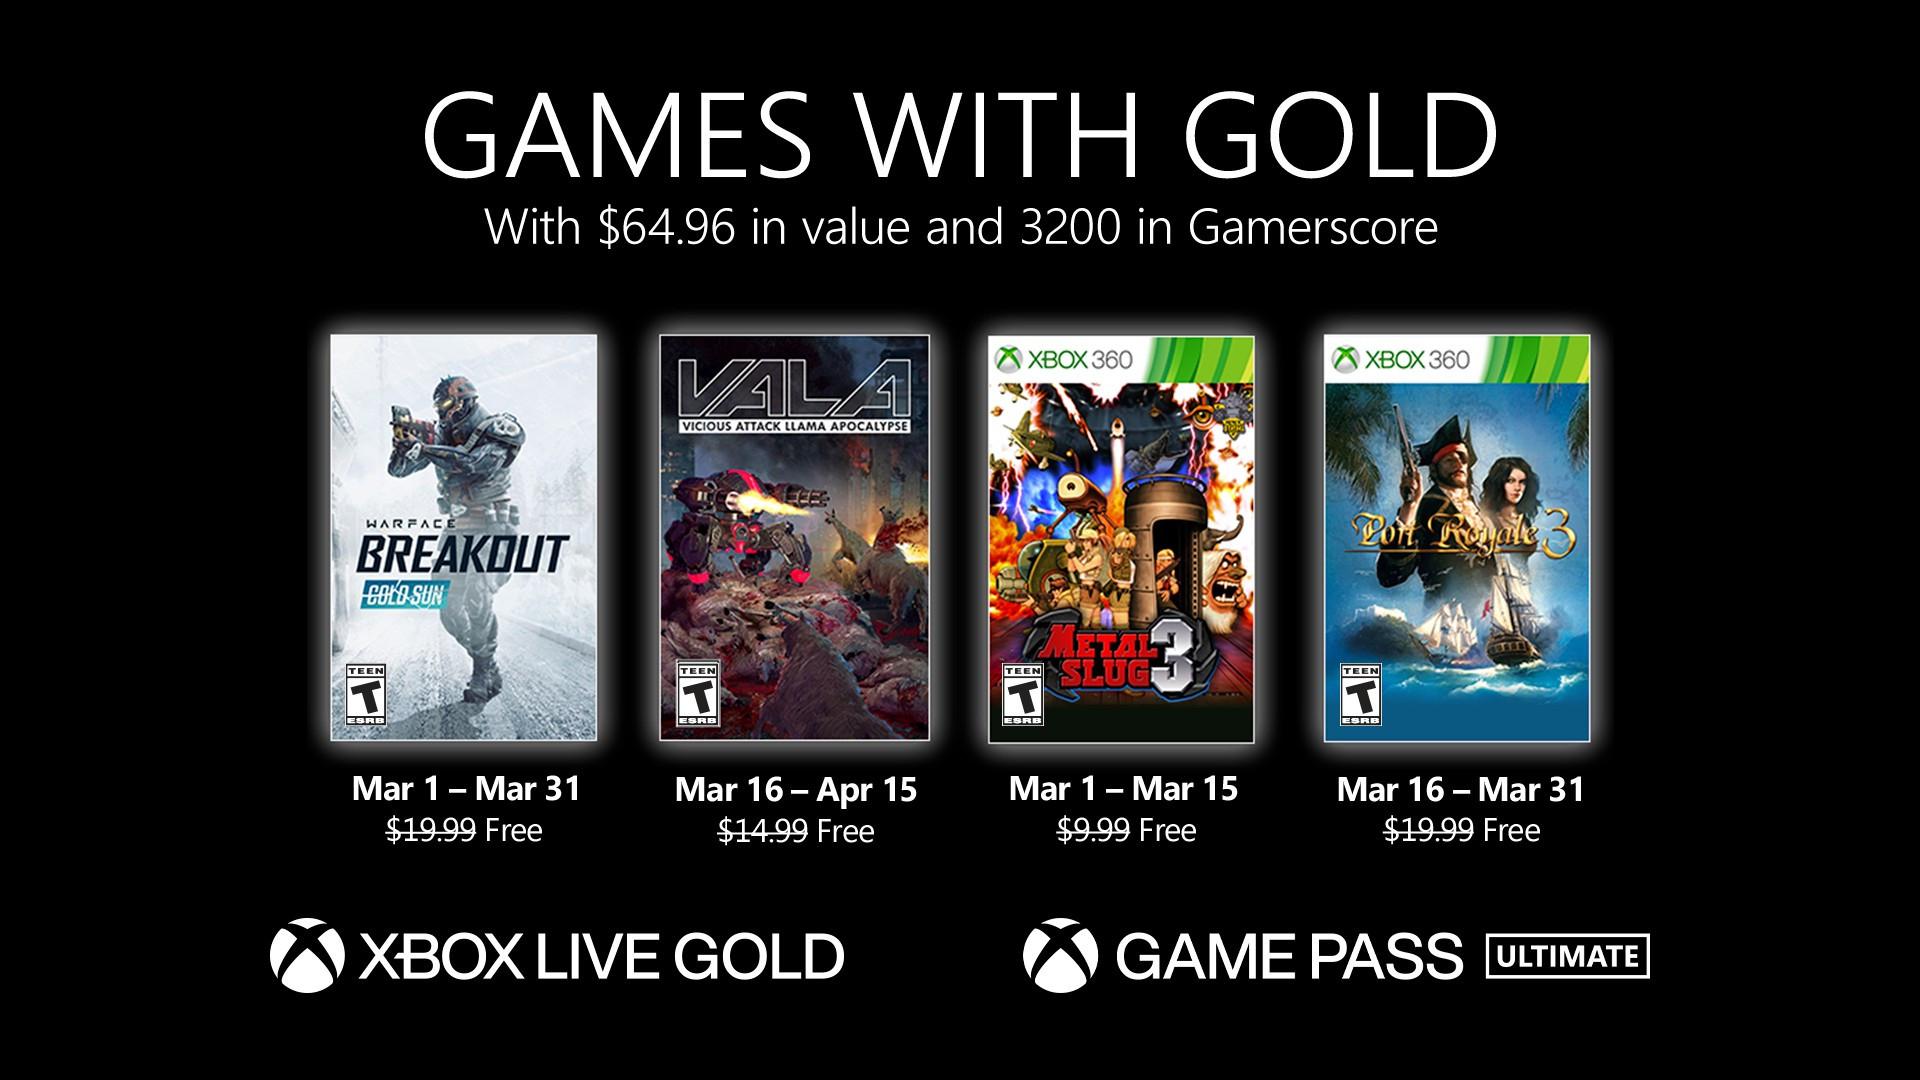 [Gold] Sélection de jeux vidéo offerts en mars (dématérialisés) - Ex : Vicious Attack Llama Apocalypse & Warface: Breakout sur Xbox One